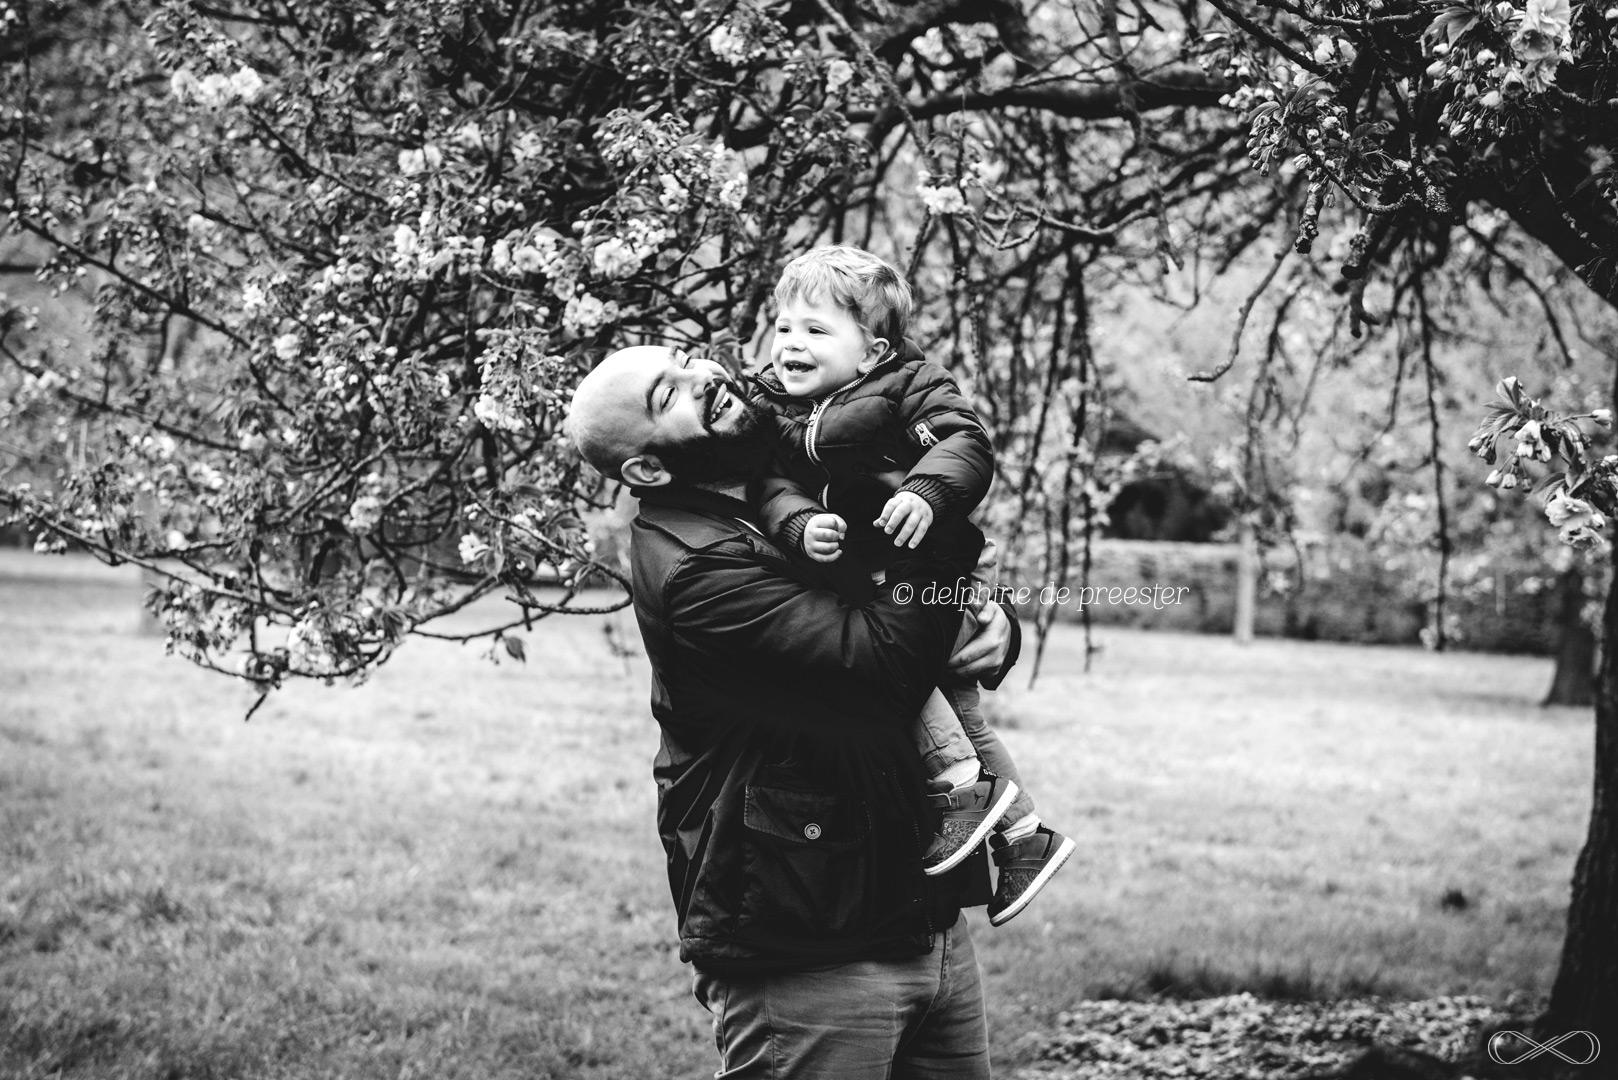 un moment entre un père et son fils